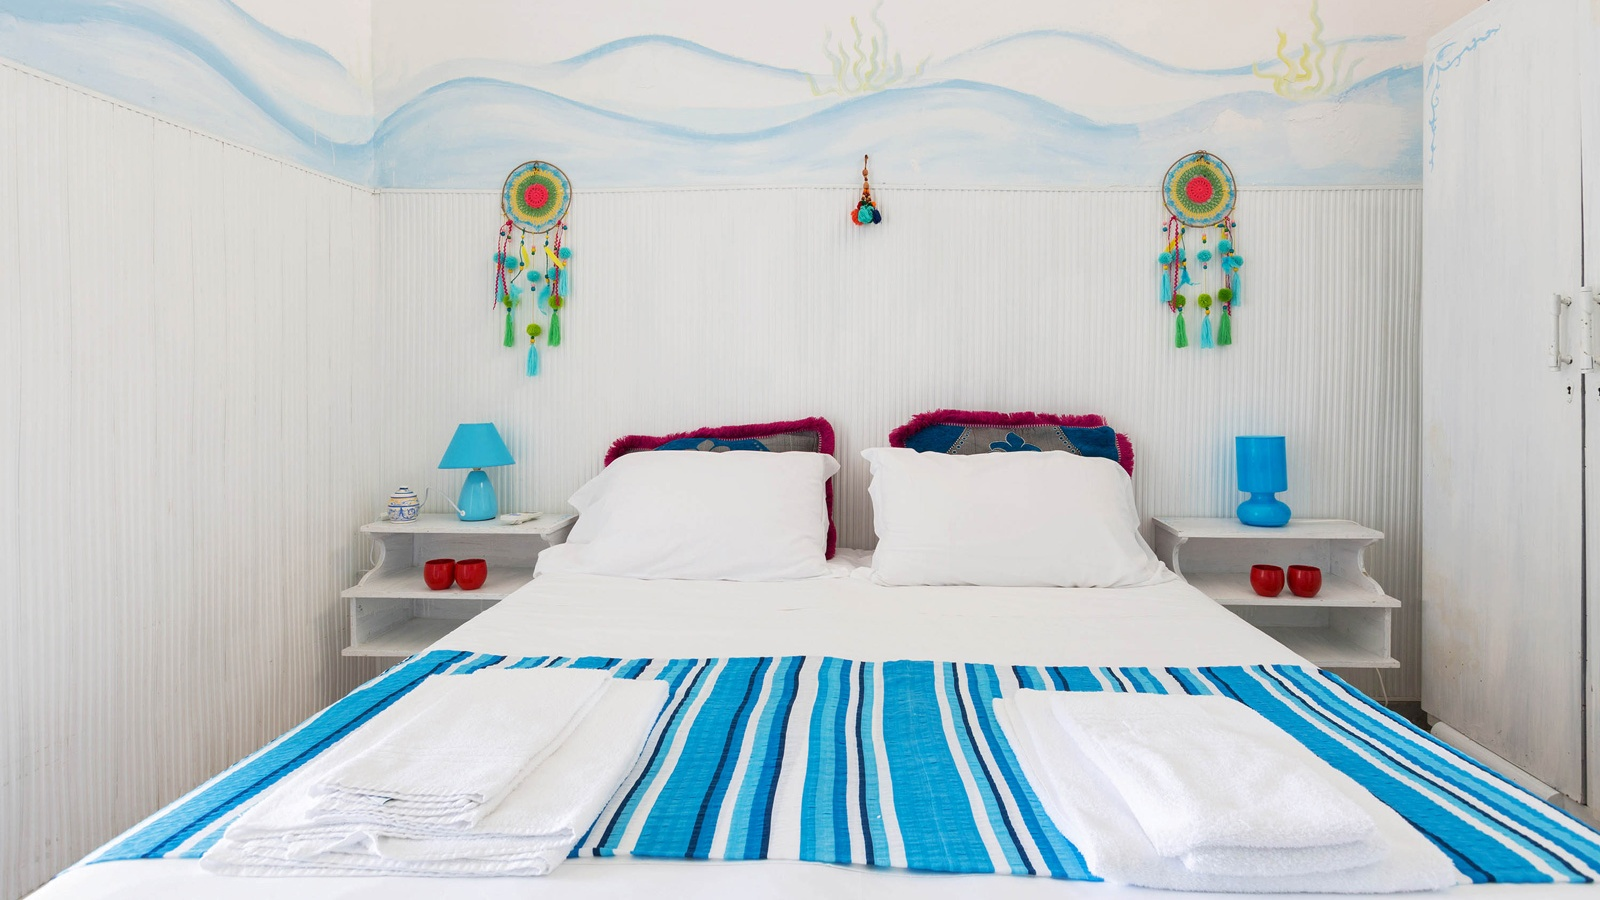 vacanze ostuni casa helios camera da letto